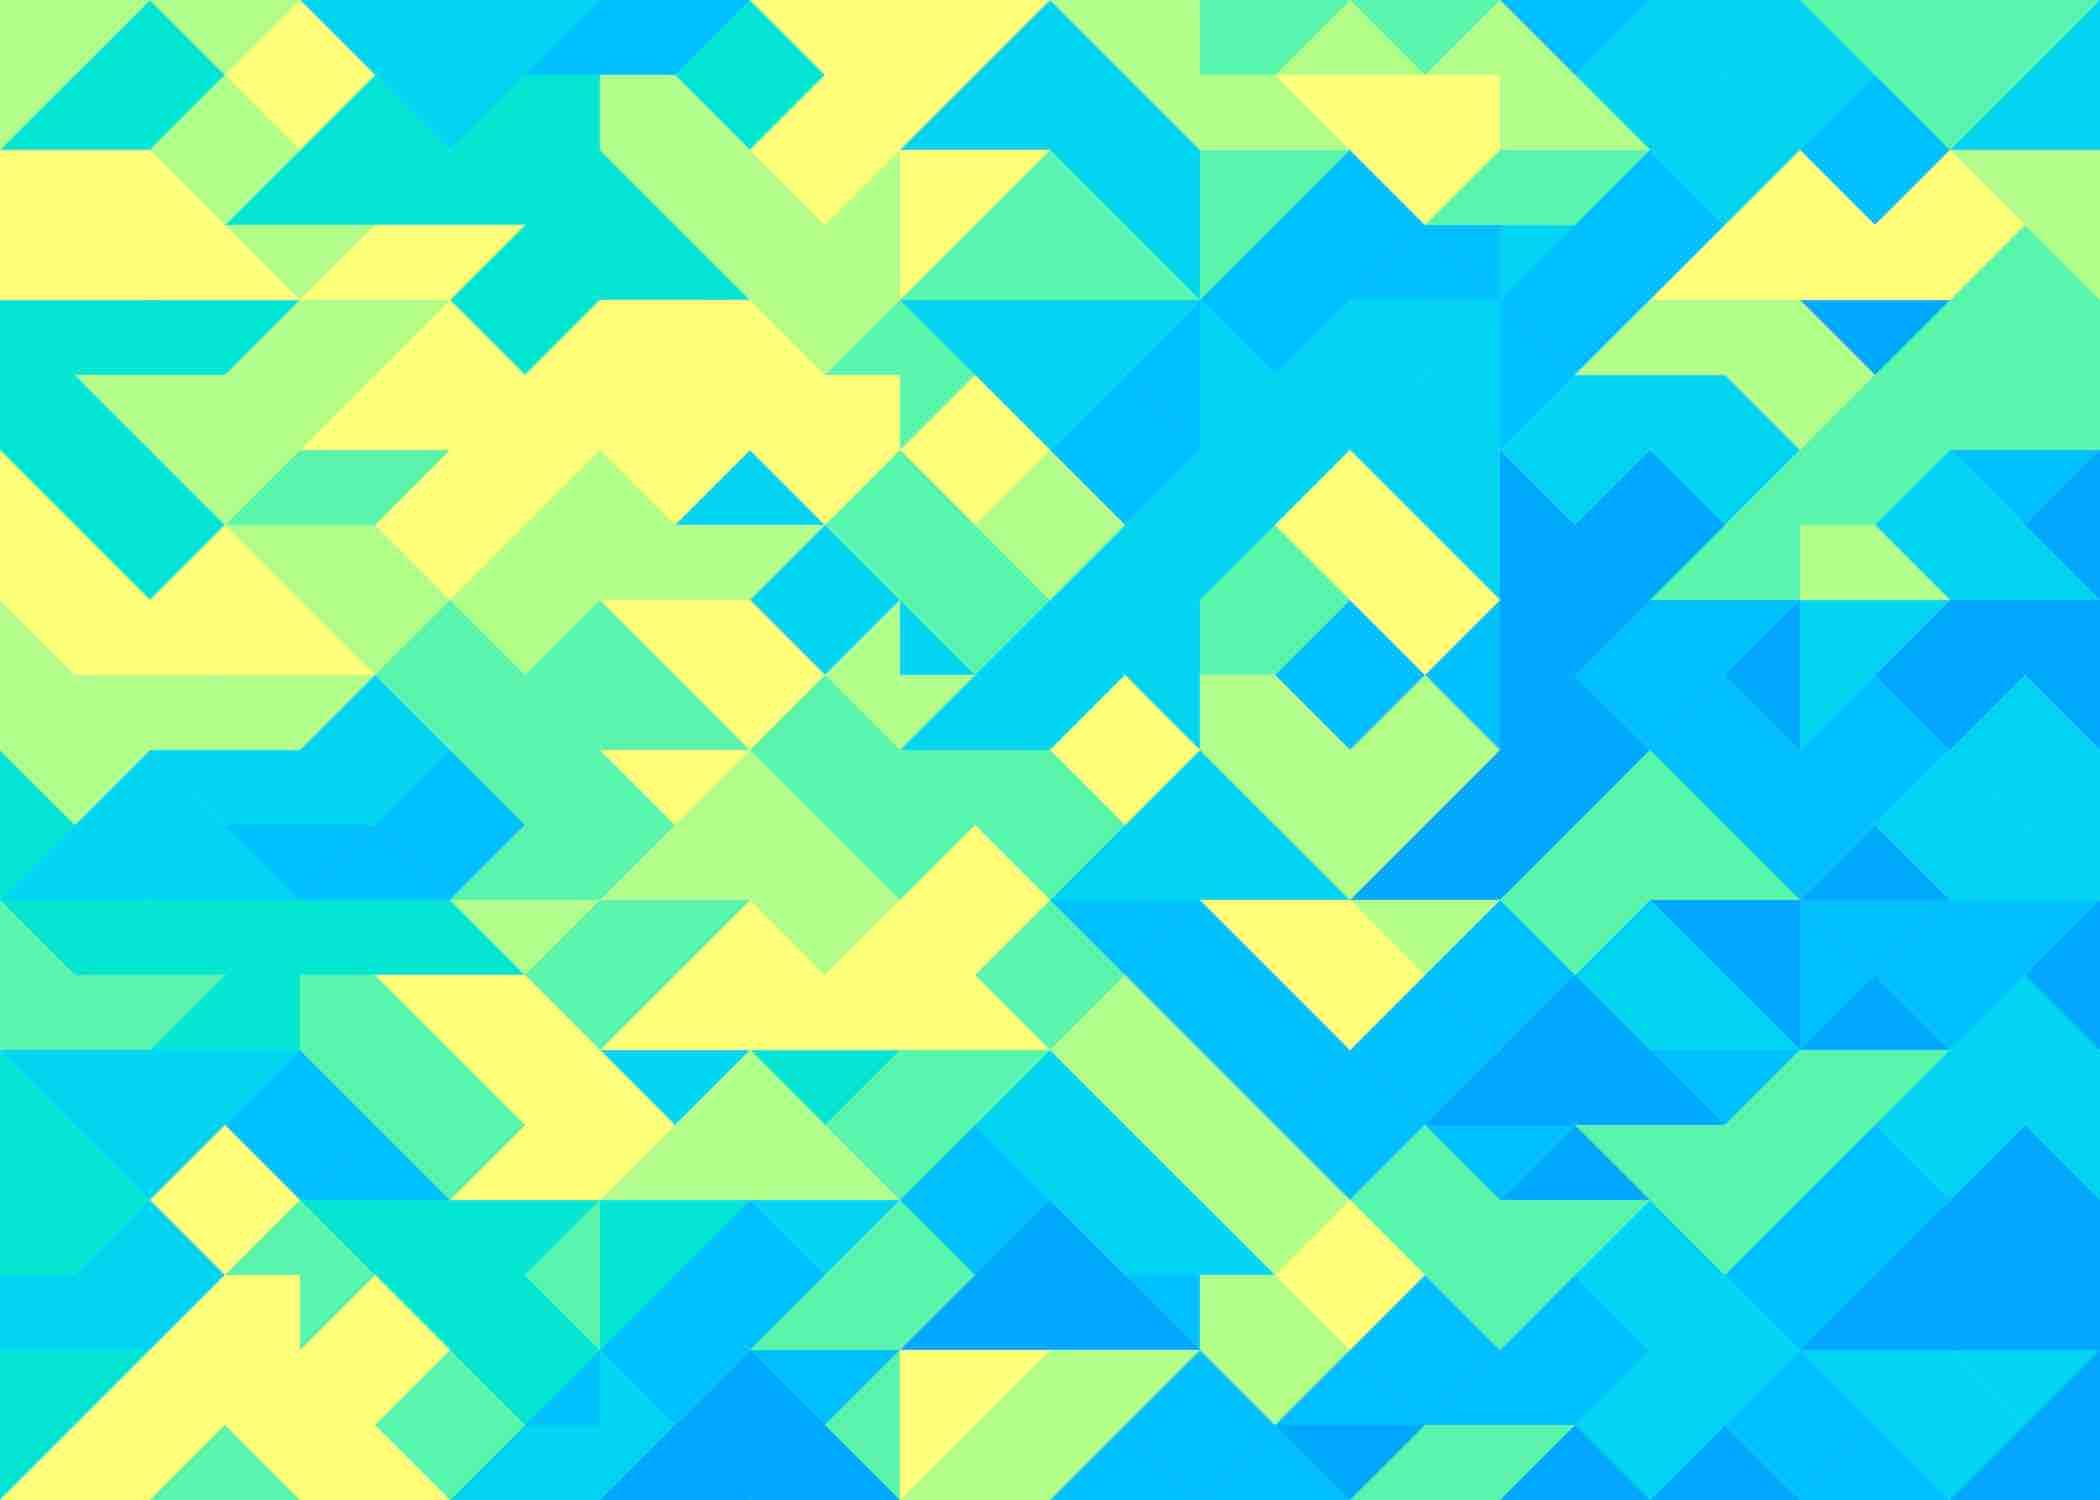 Formas geométricas com cores verde, amarelo e azul.